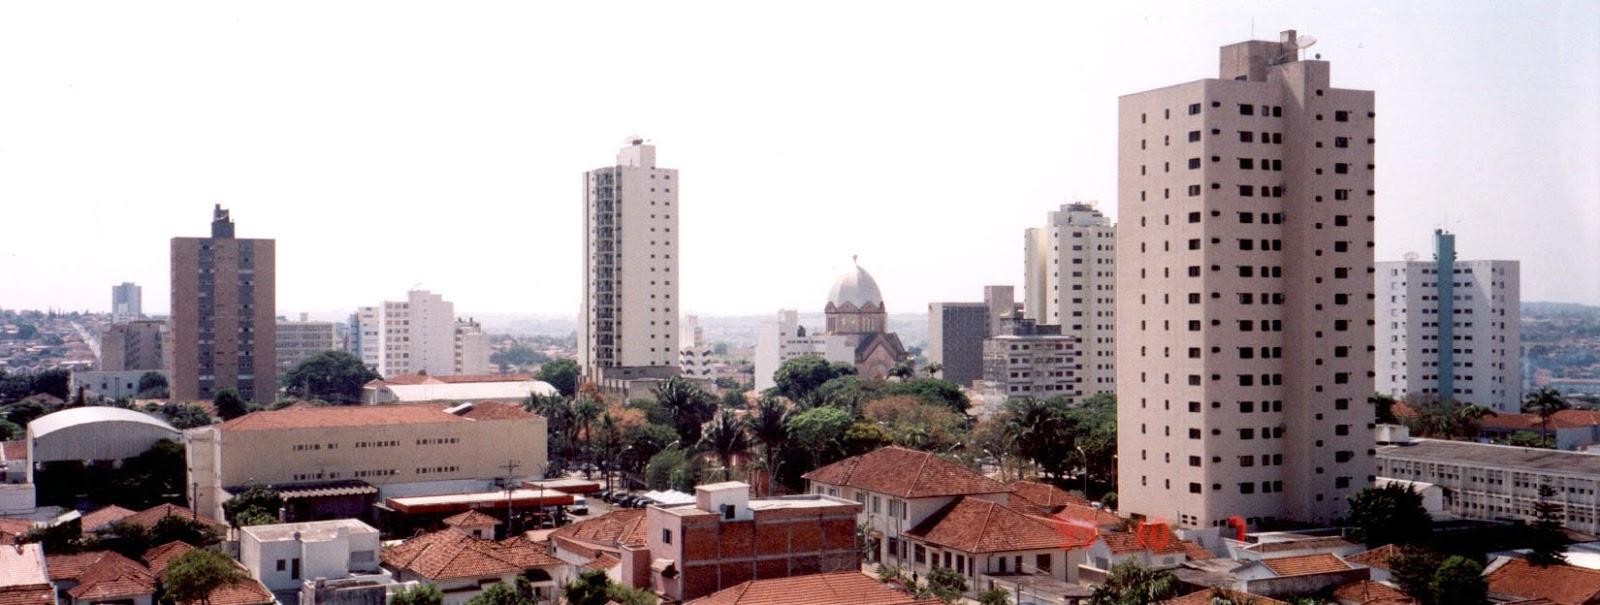 #Araraquara - Cidade do Estado de São Paulo